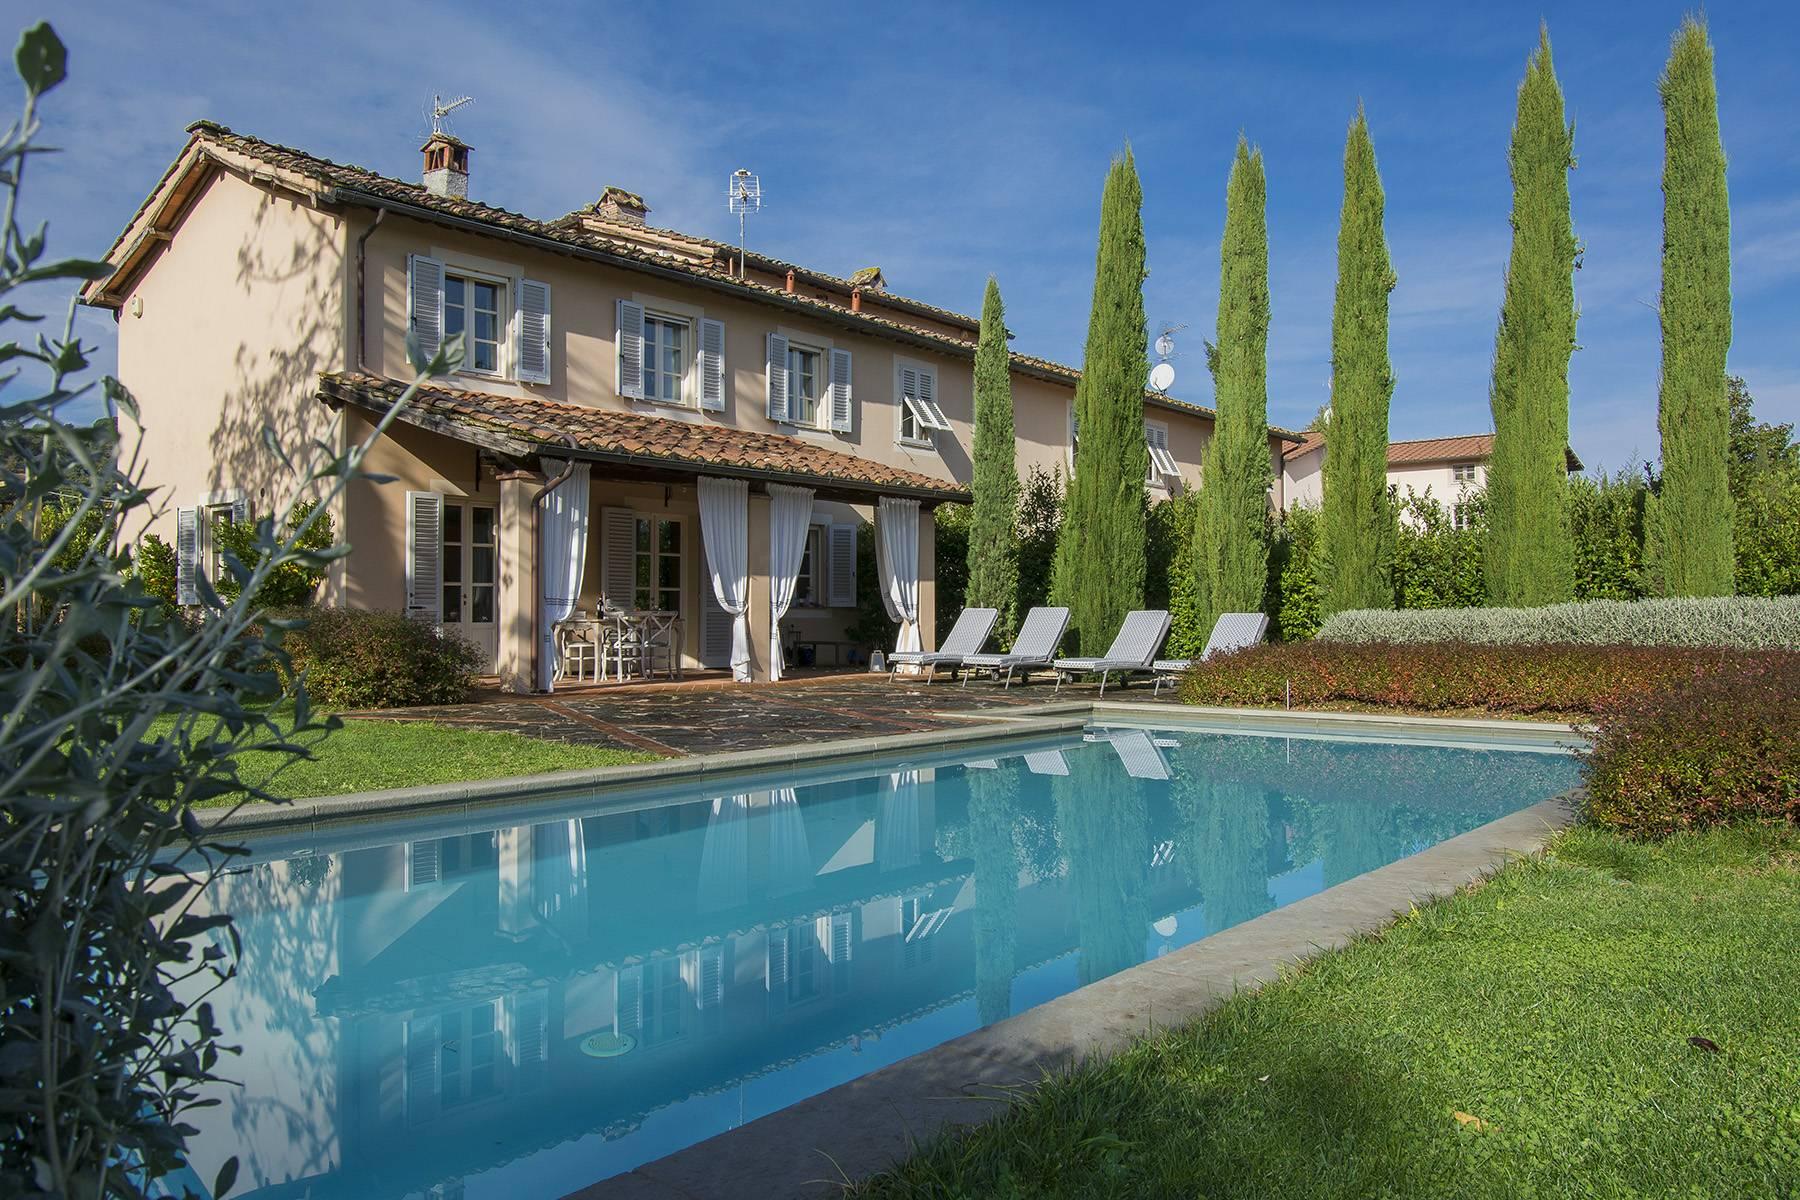 Casa indipendente in Vendita a Lucca: 5 locali, 130 mq - Foto 3